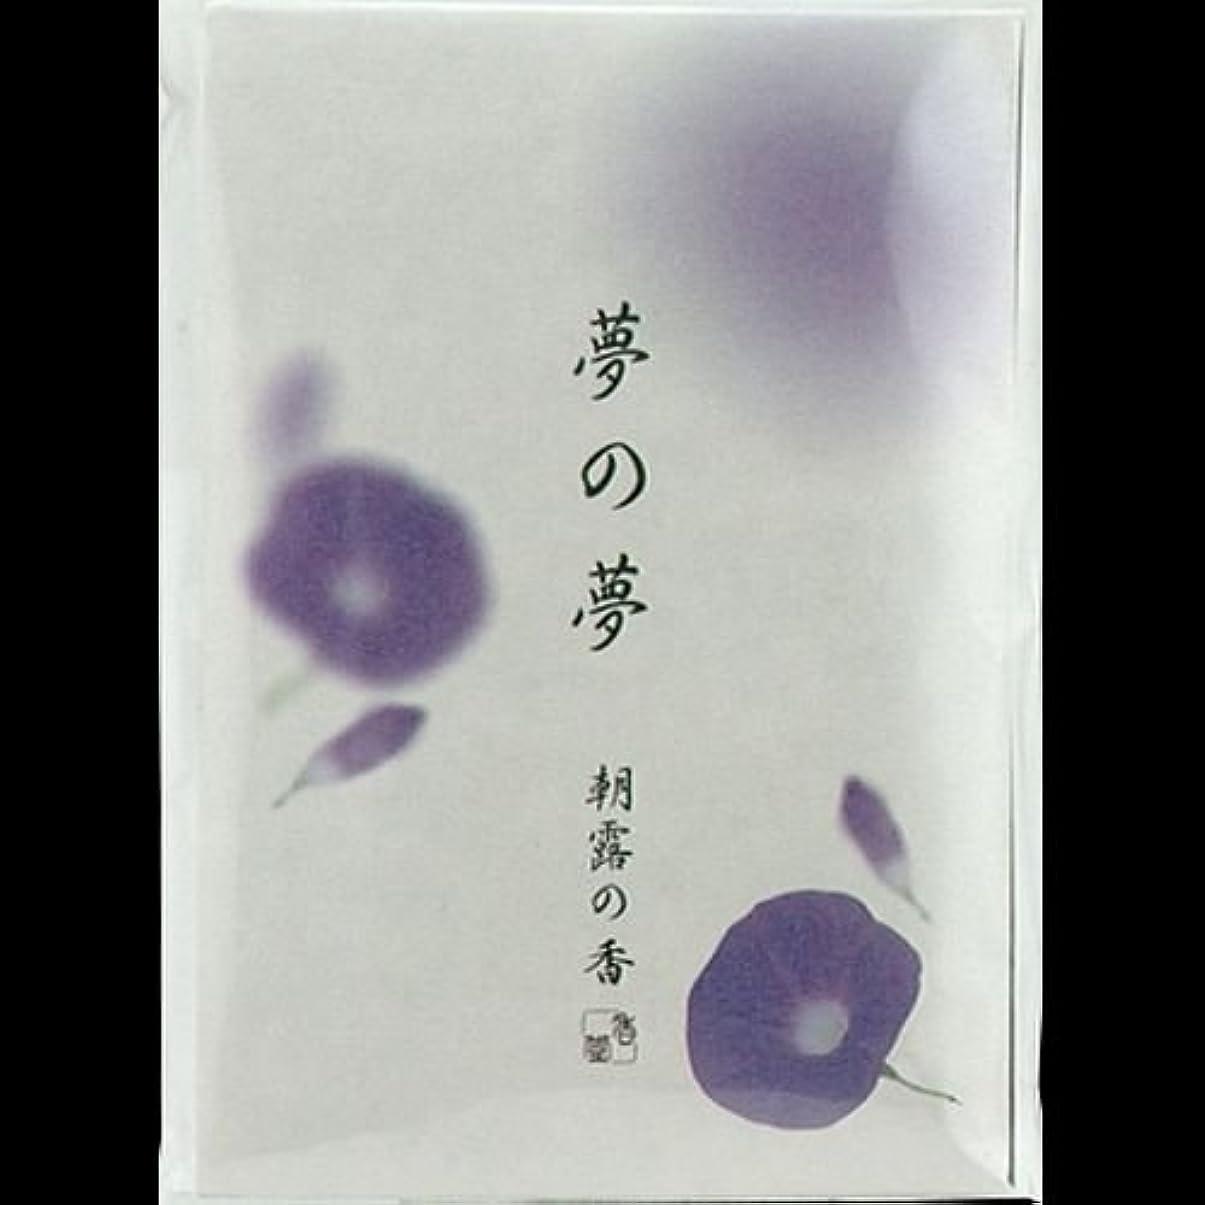 暴露間隔噴水【まとめ買い】夢の夢 朝露(あさつゆ) スティック12本入 ×2セット